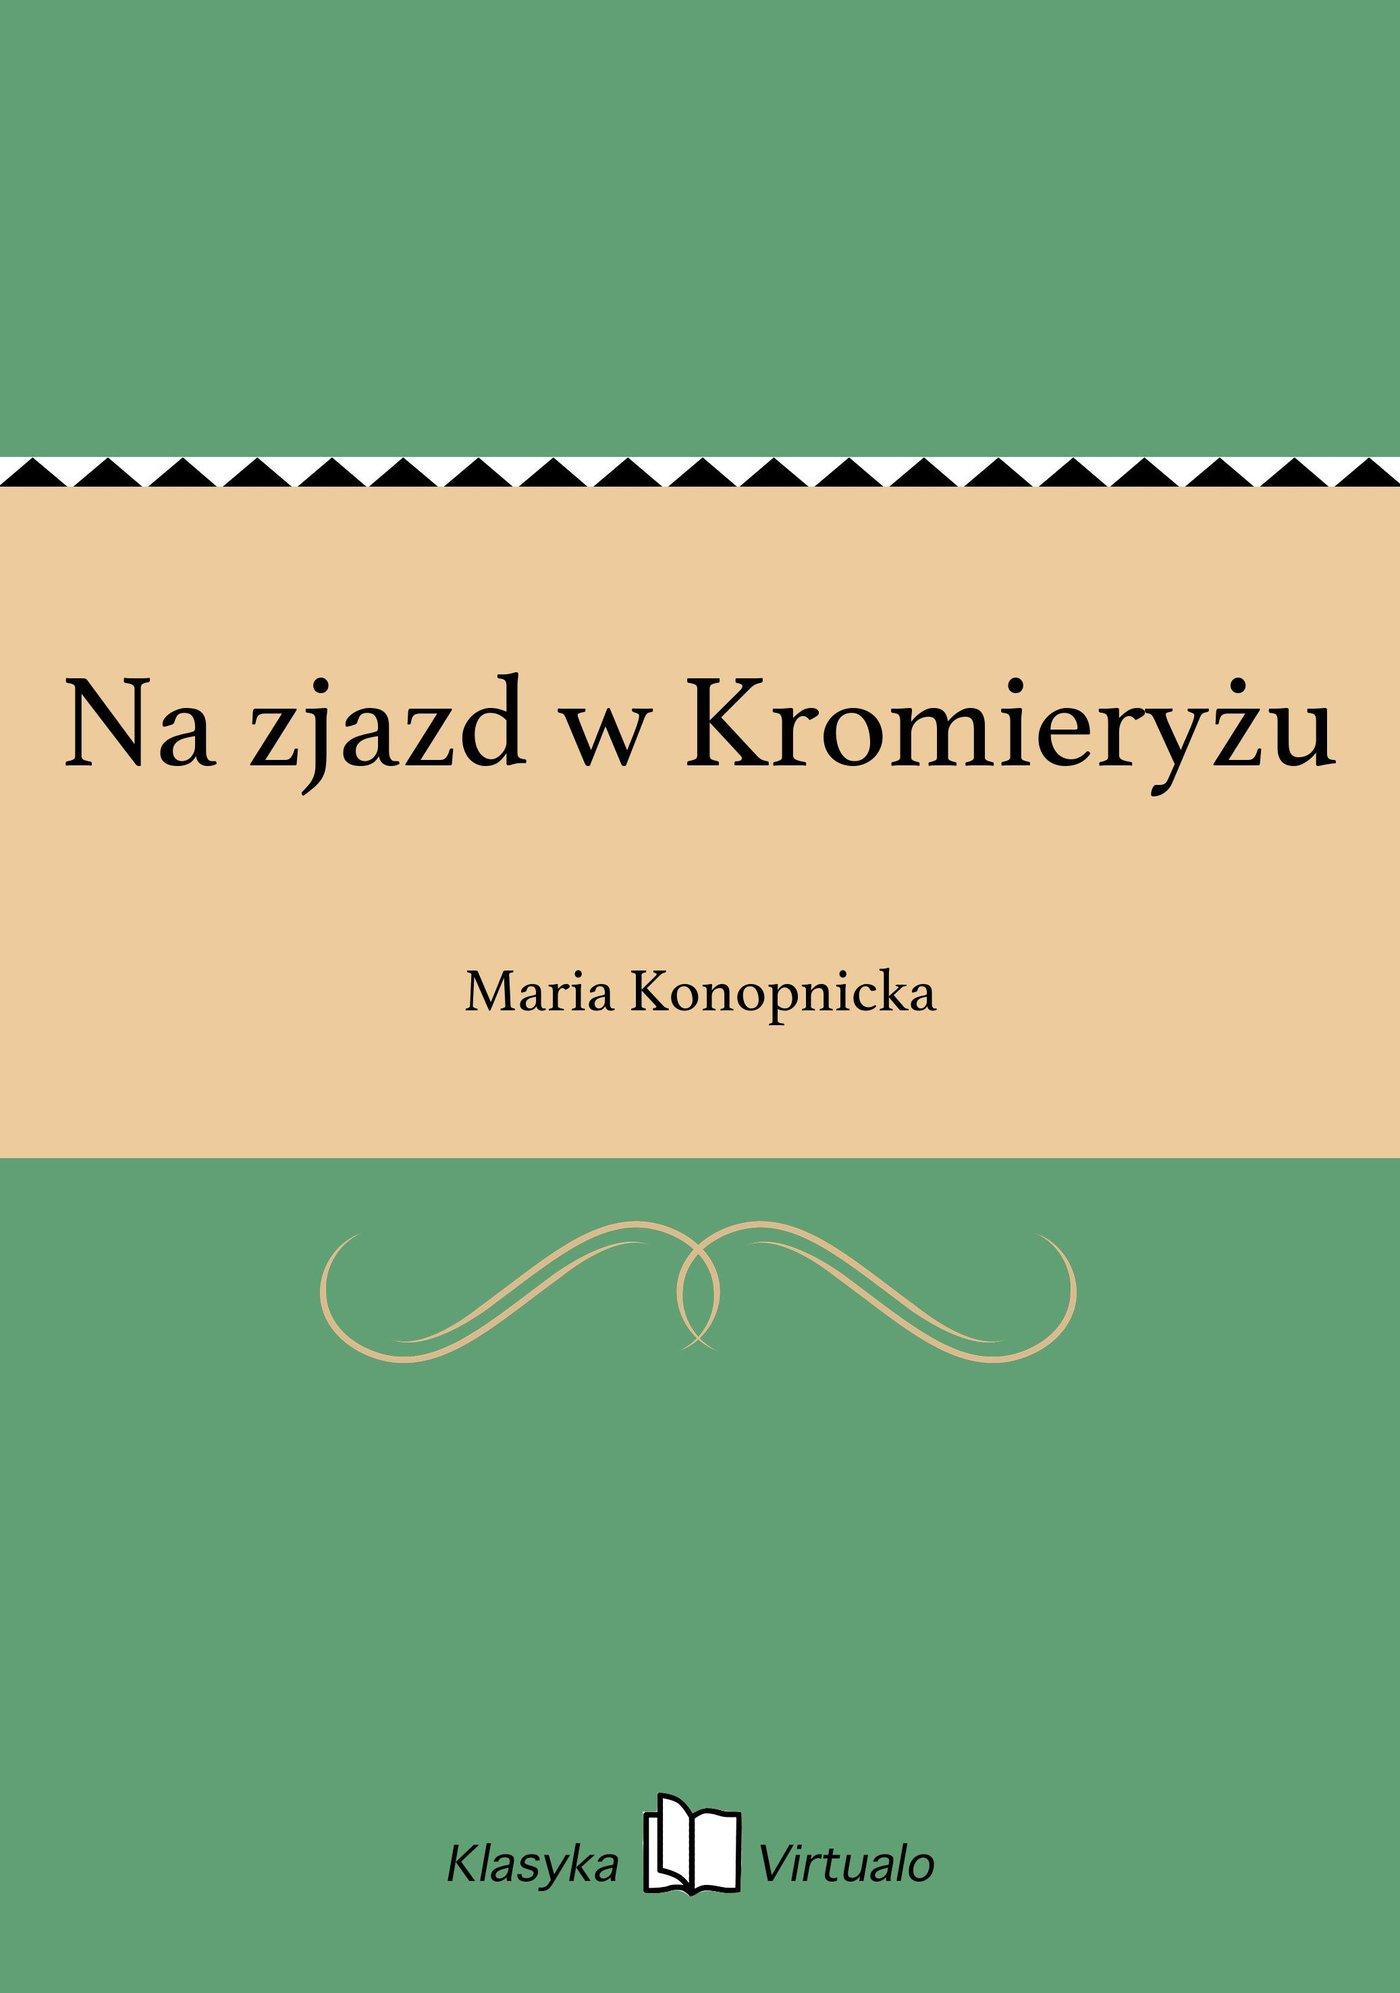 Na zjazd w Kromieryżu - Ebook (Książka EPUB) do pobrania w formacie EPUB